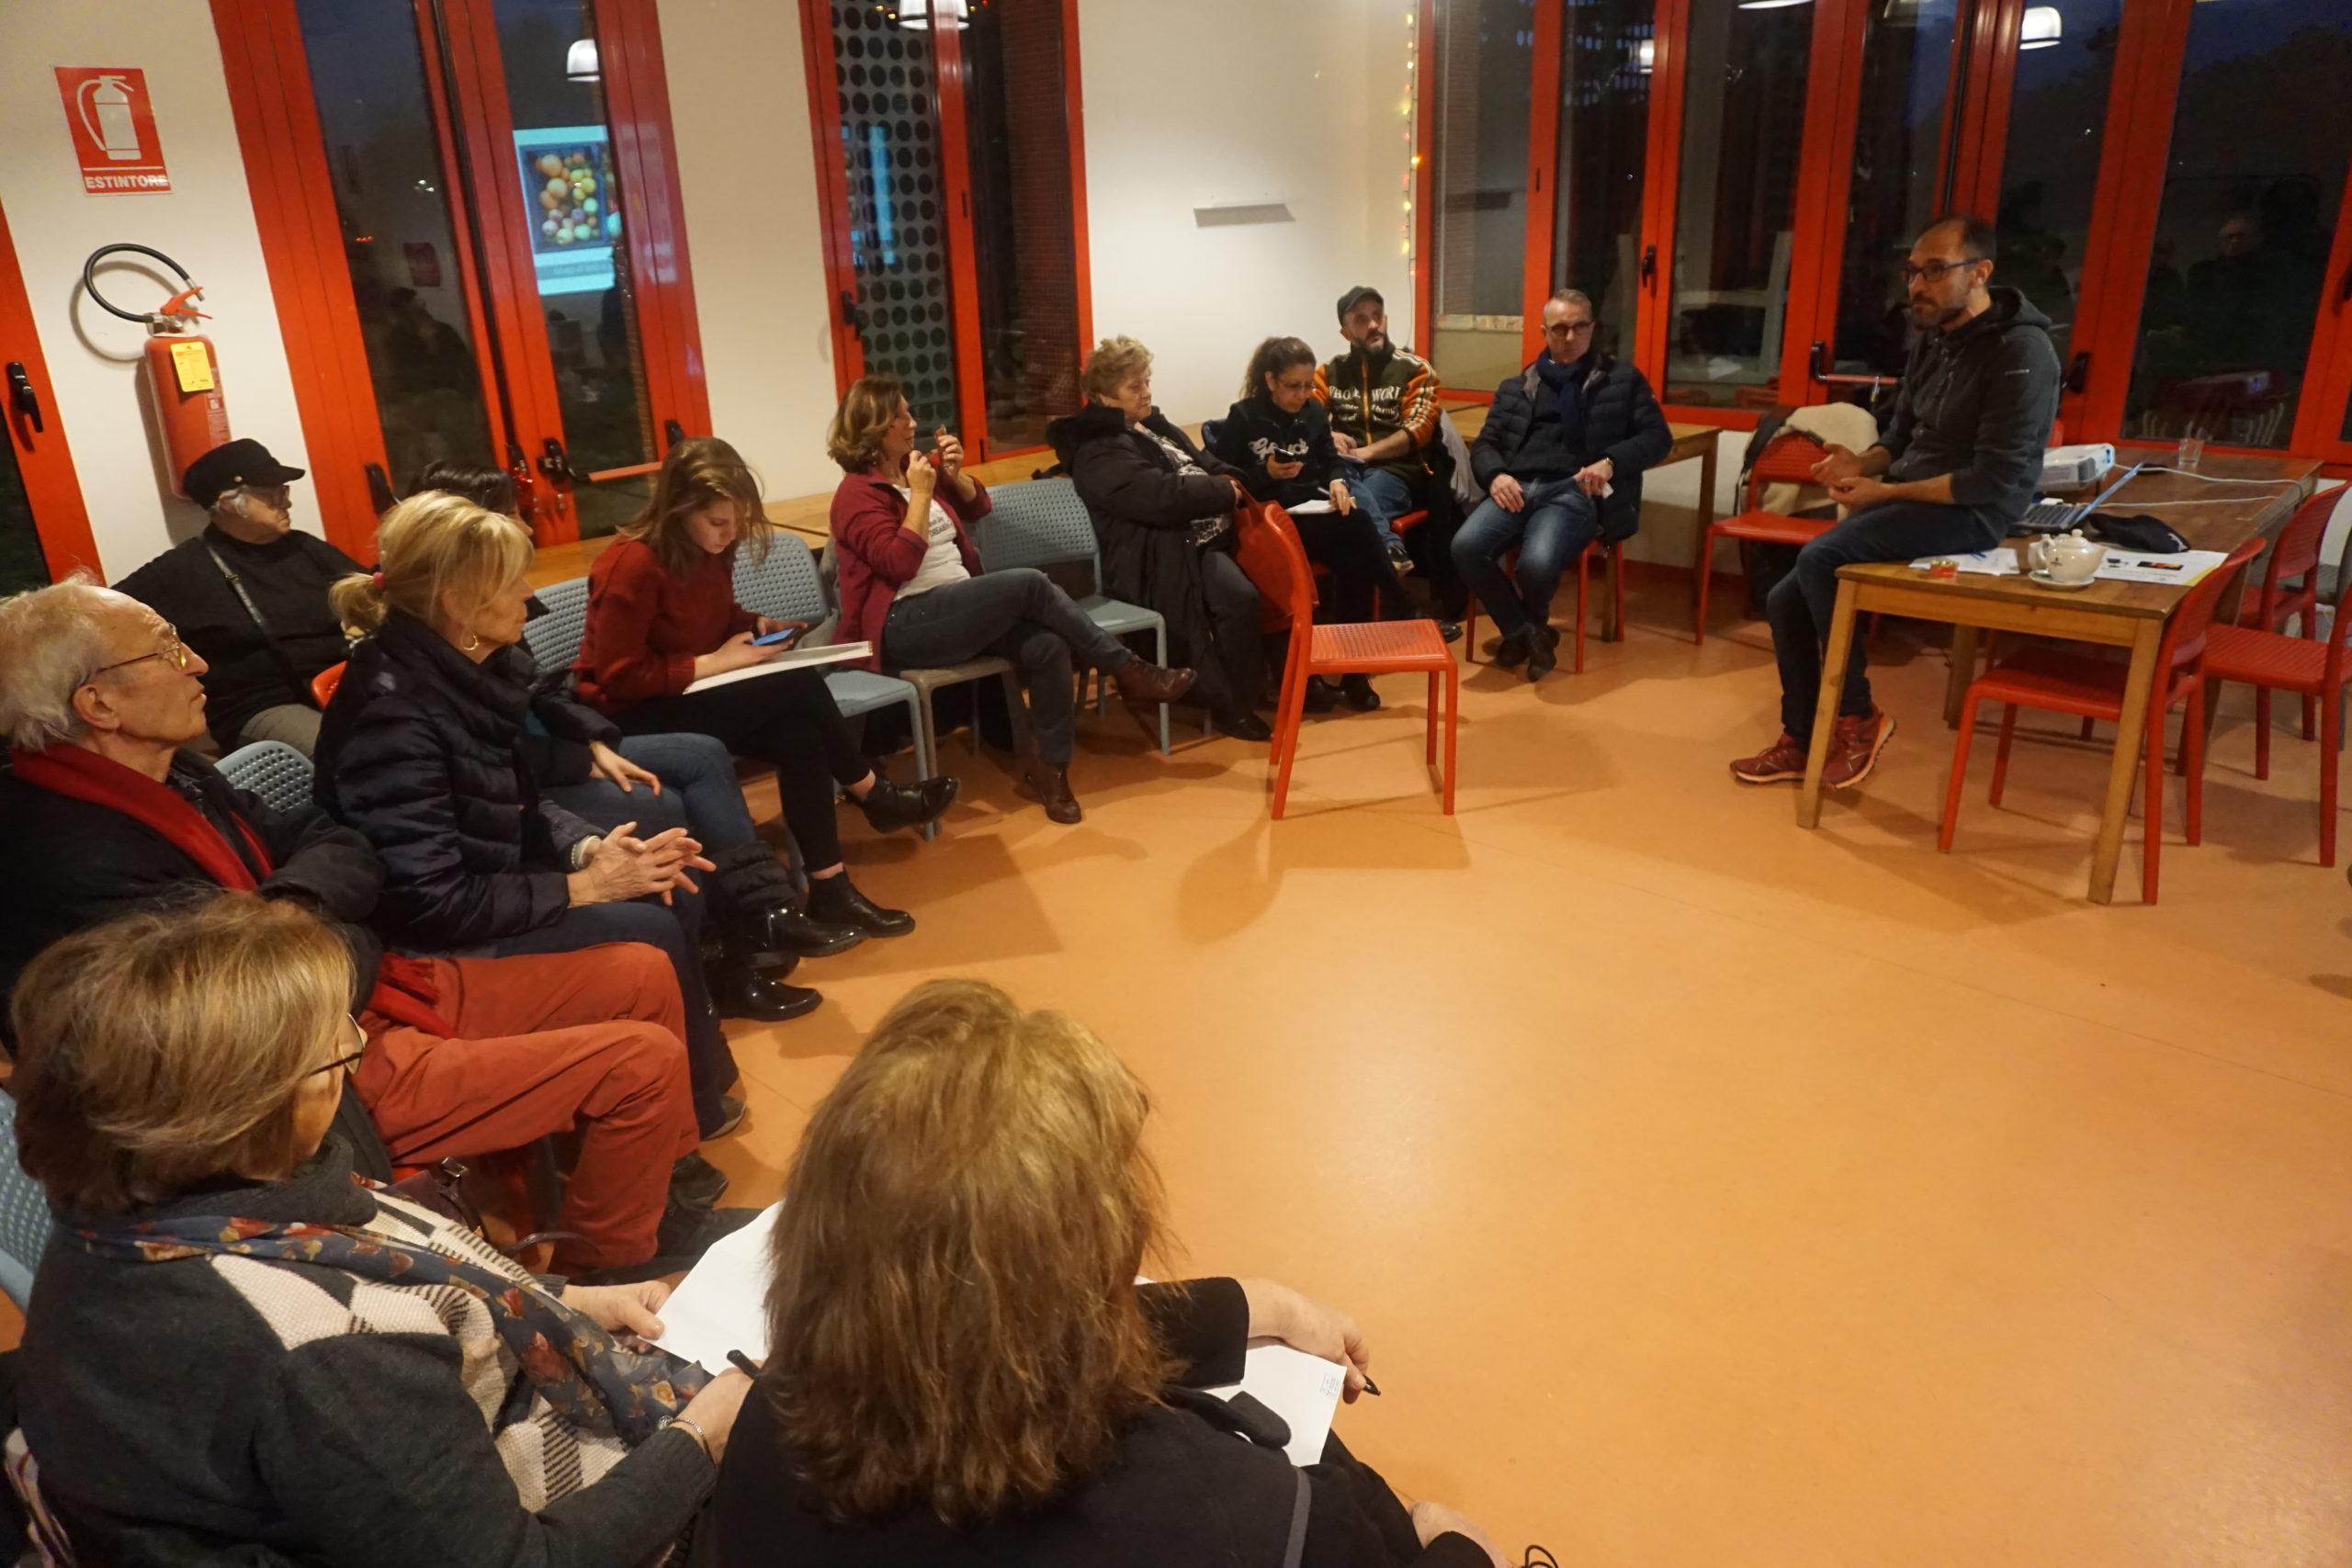 Risparmiamoci su - progetto C.A.R.O.T.A. serie di incontri a Mirafiori sud sull'educazione economico-finanziaria